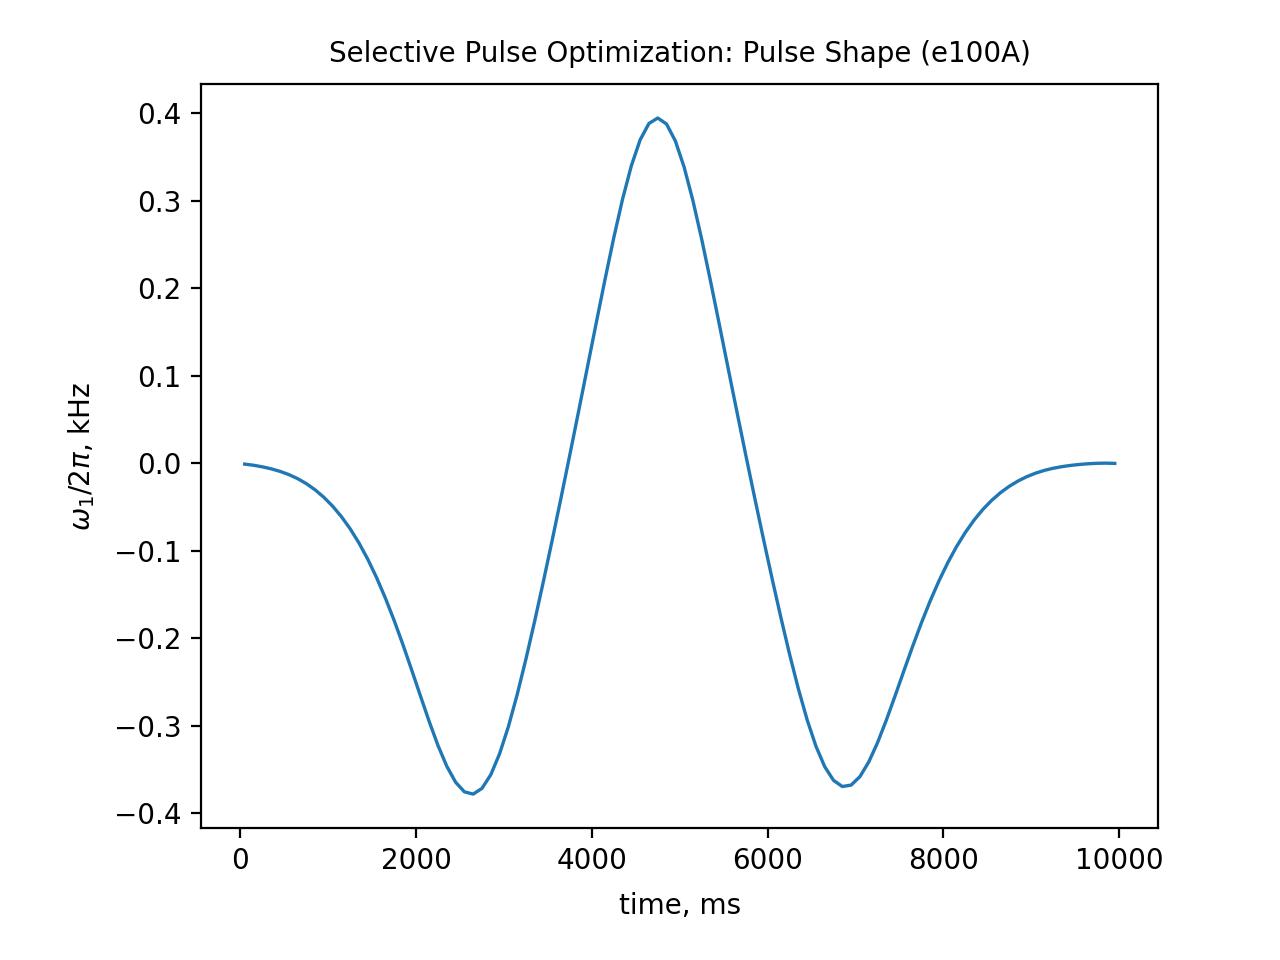 e100A Pulse Shape